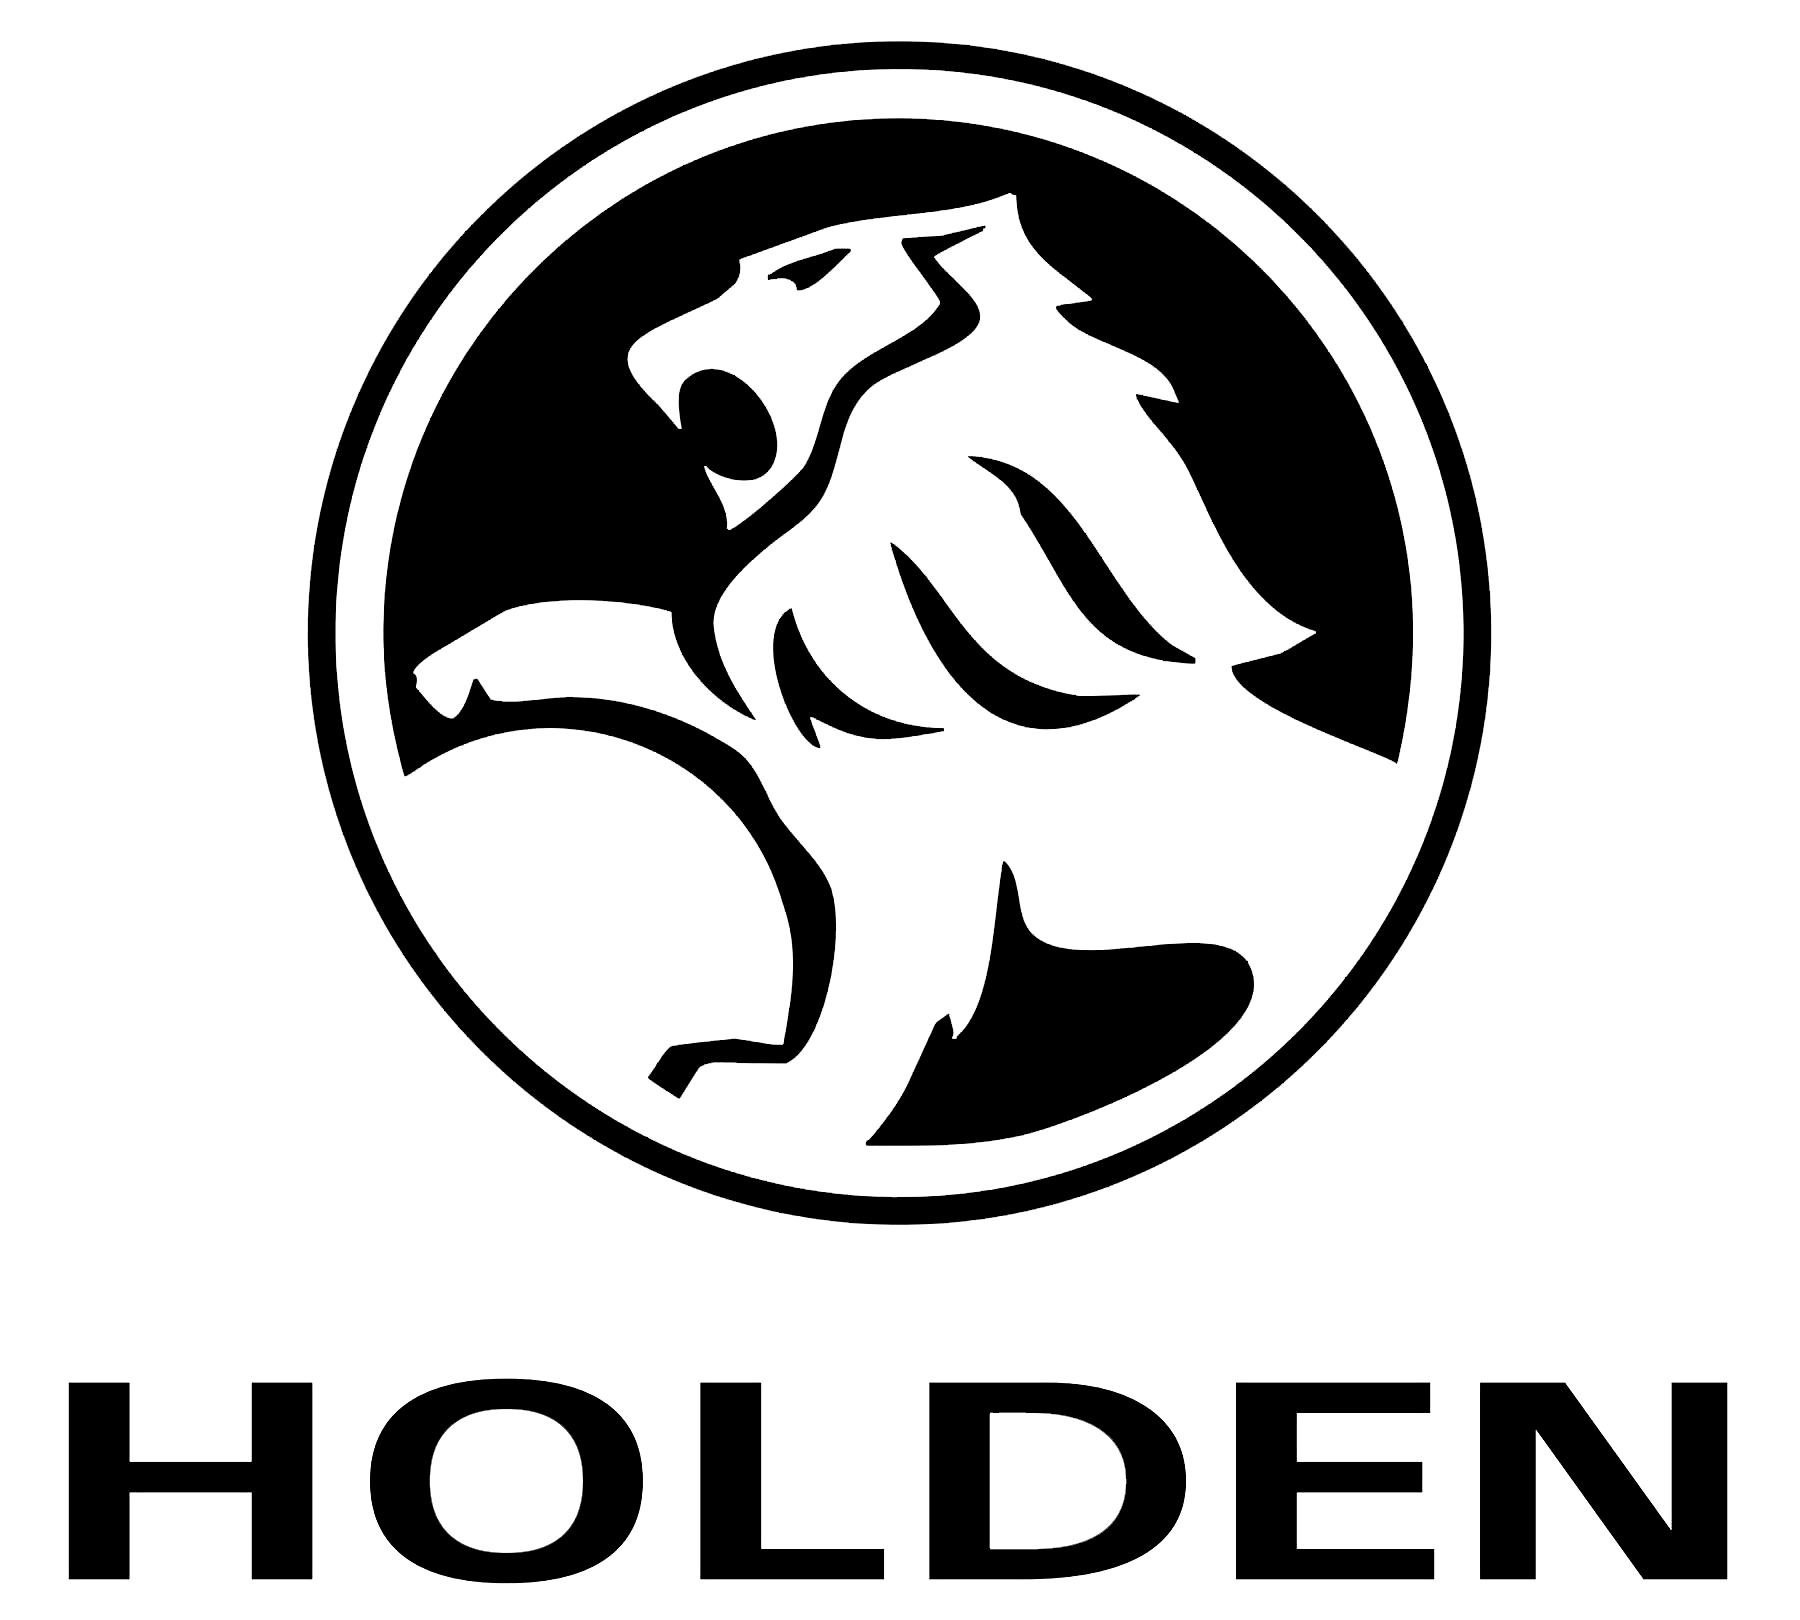 GM (Holden) manufacturer logo